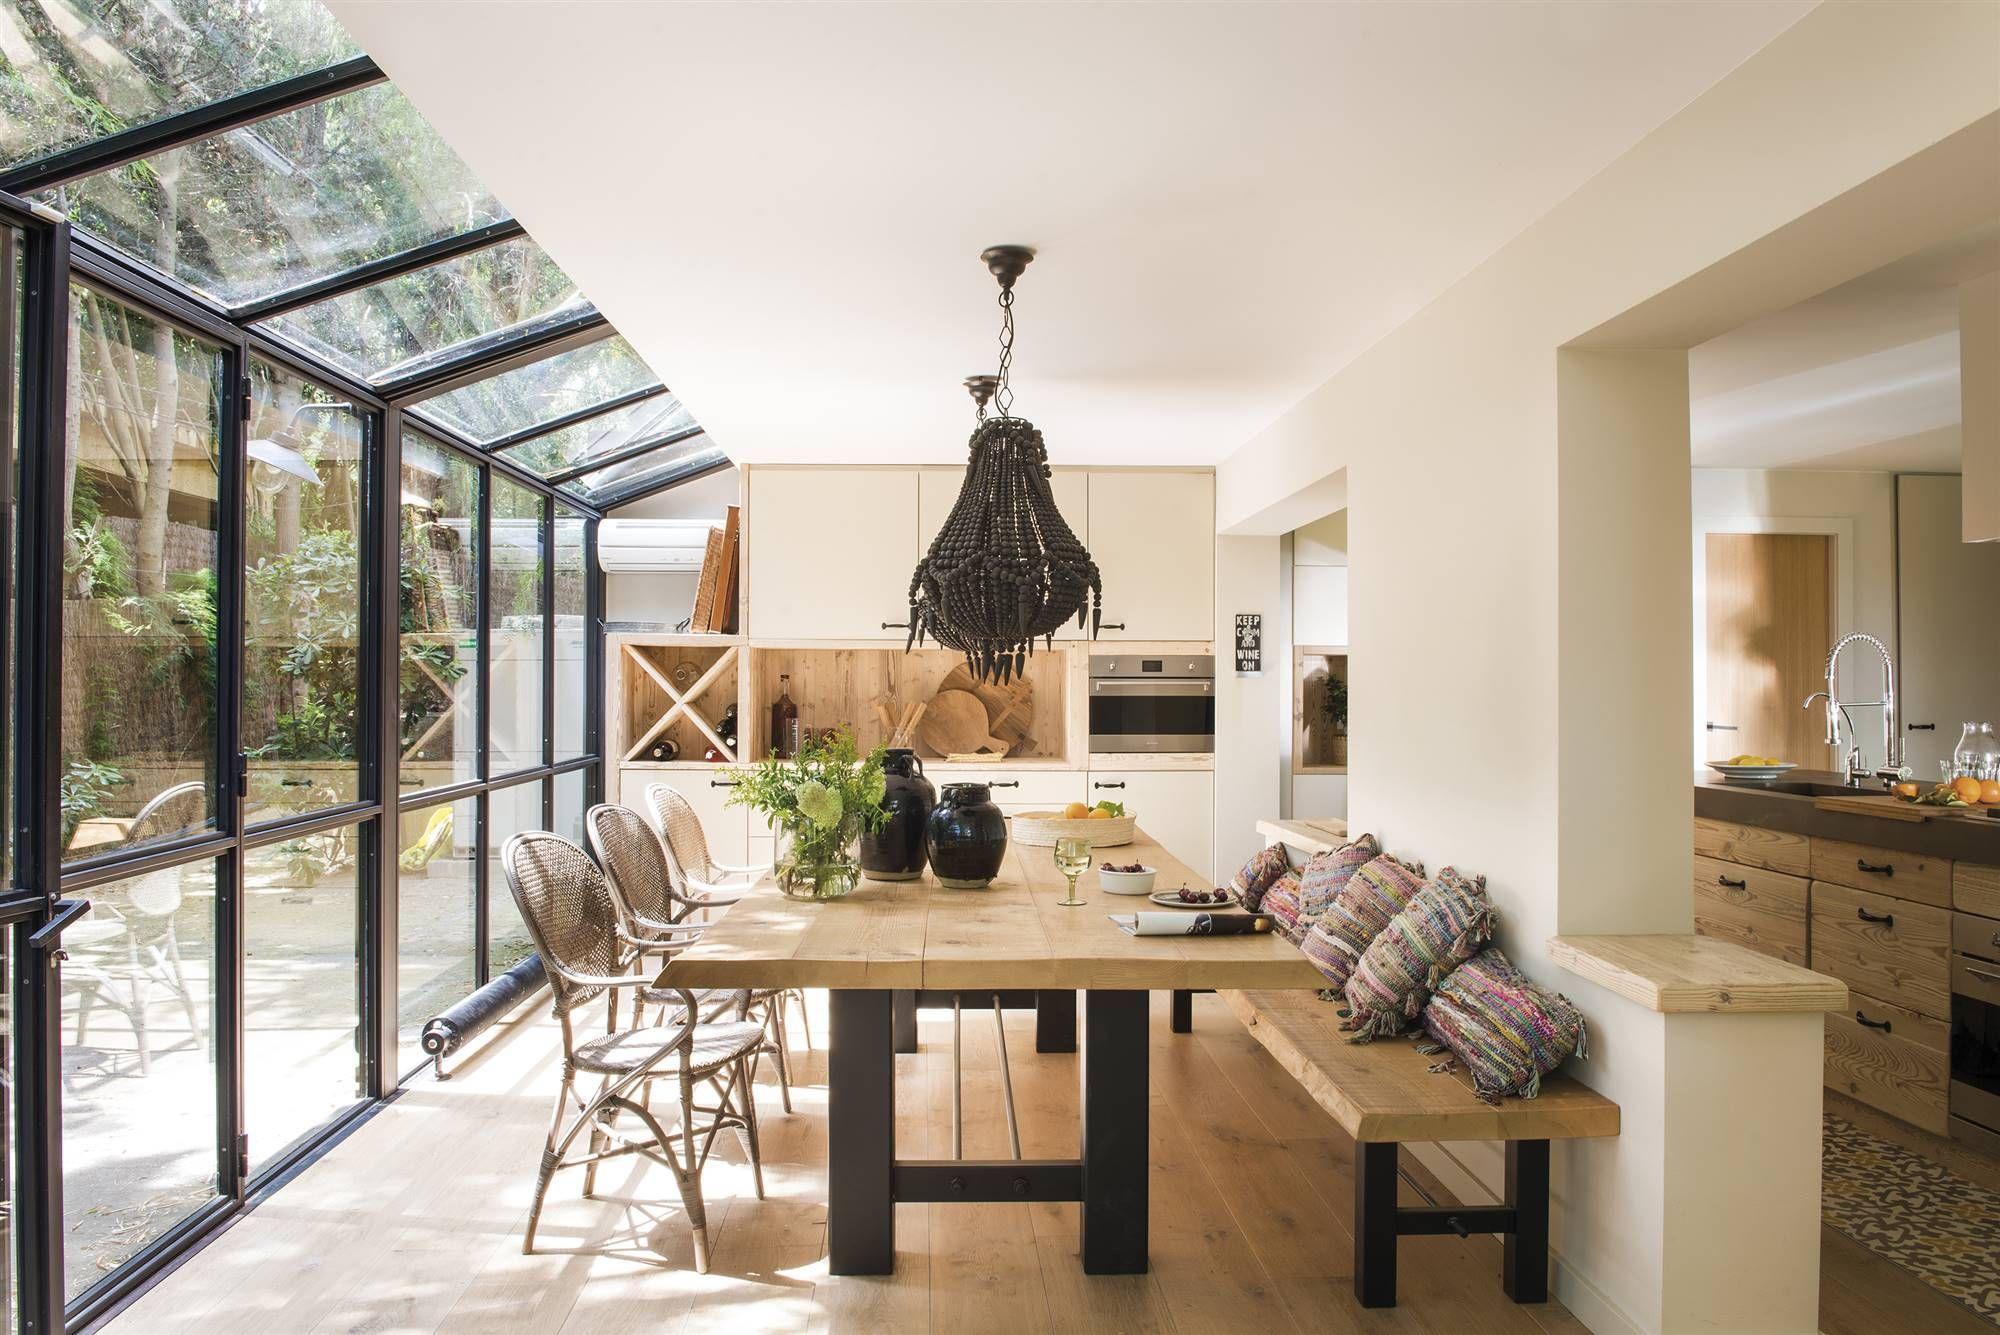 Un impressionnant mur de verre pour une maison rénovée - PLANETE DECO a homes world en 2020 ...